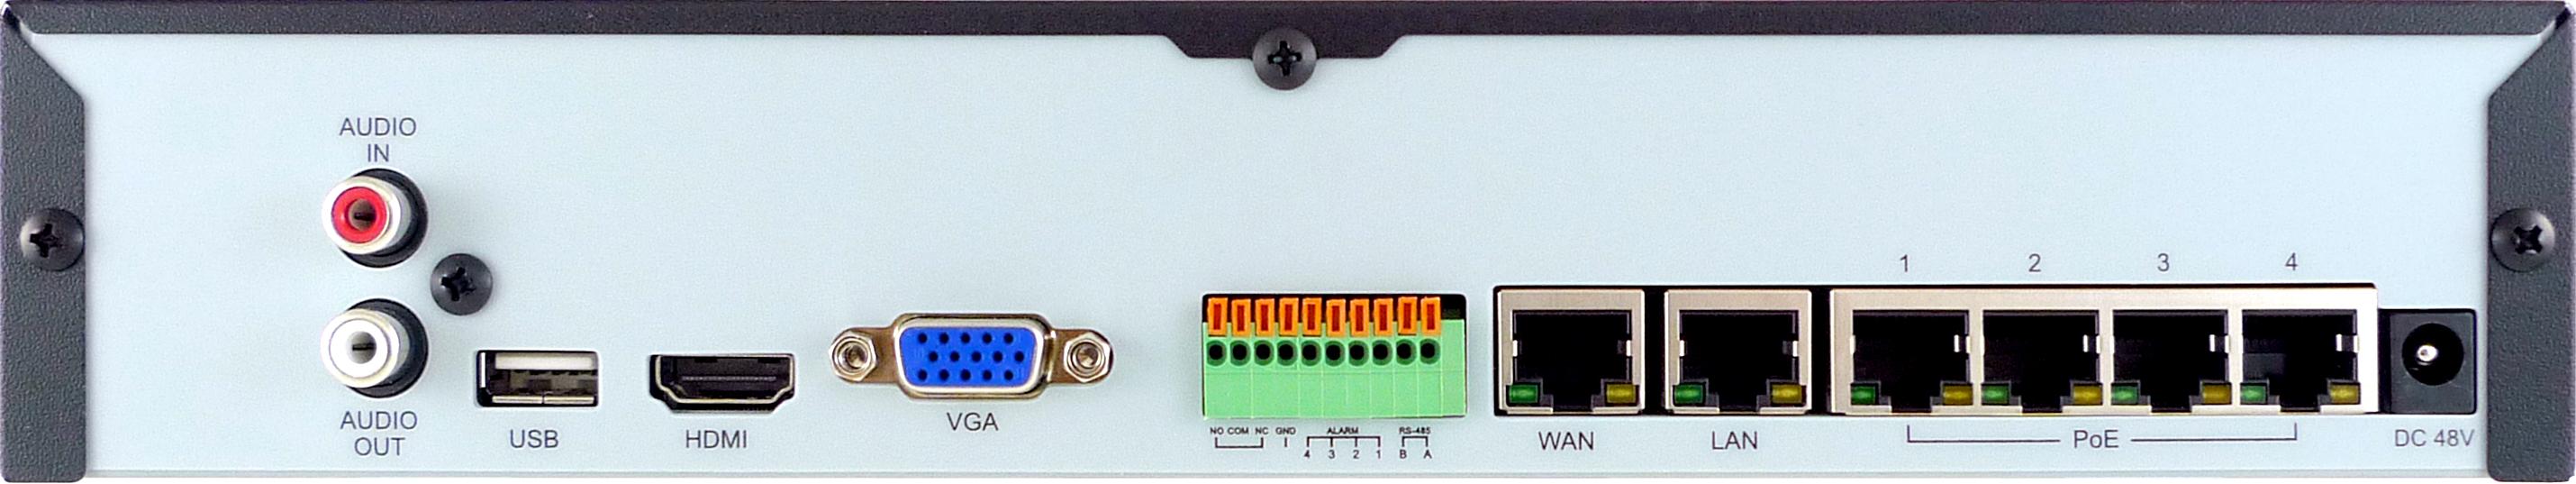 Boquet E Care DVR IP